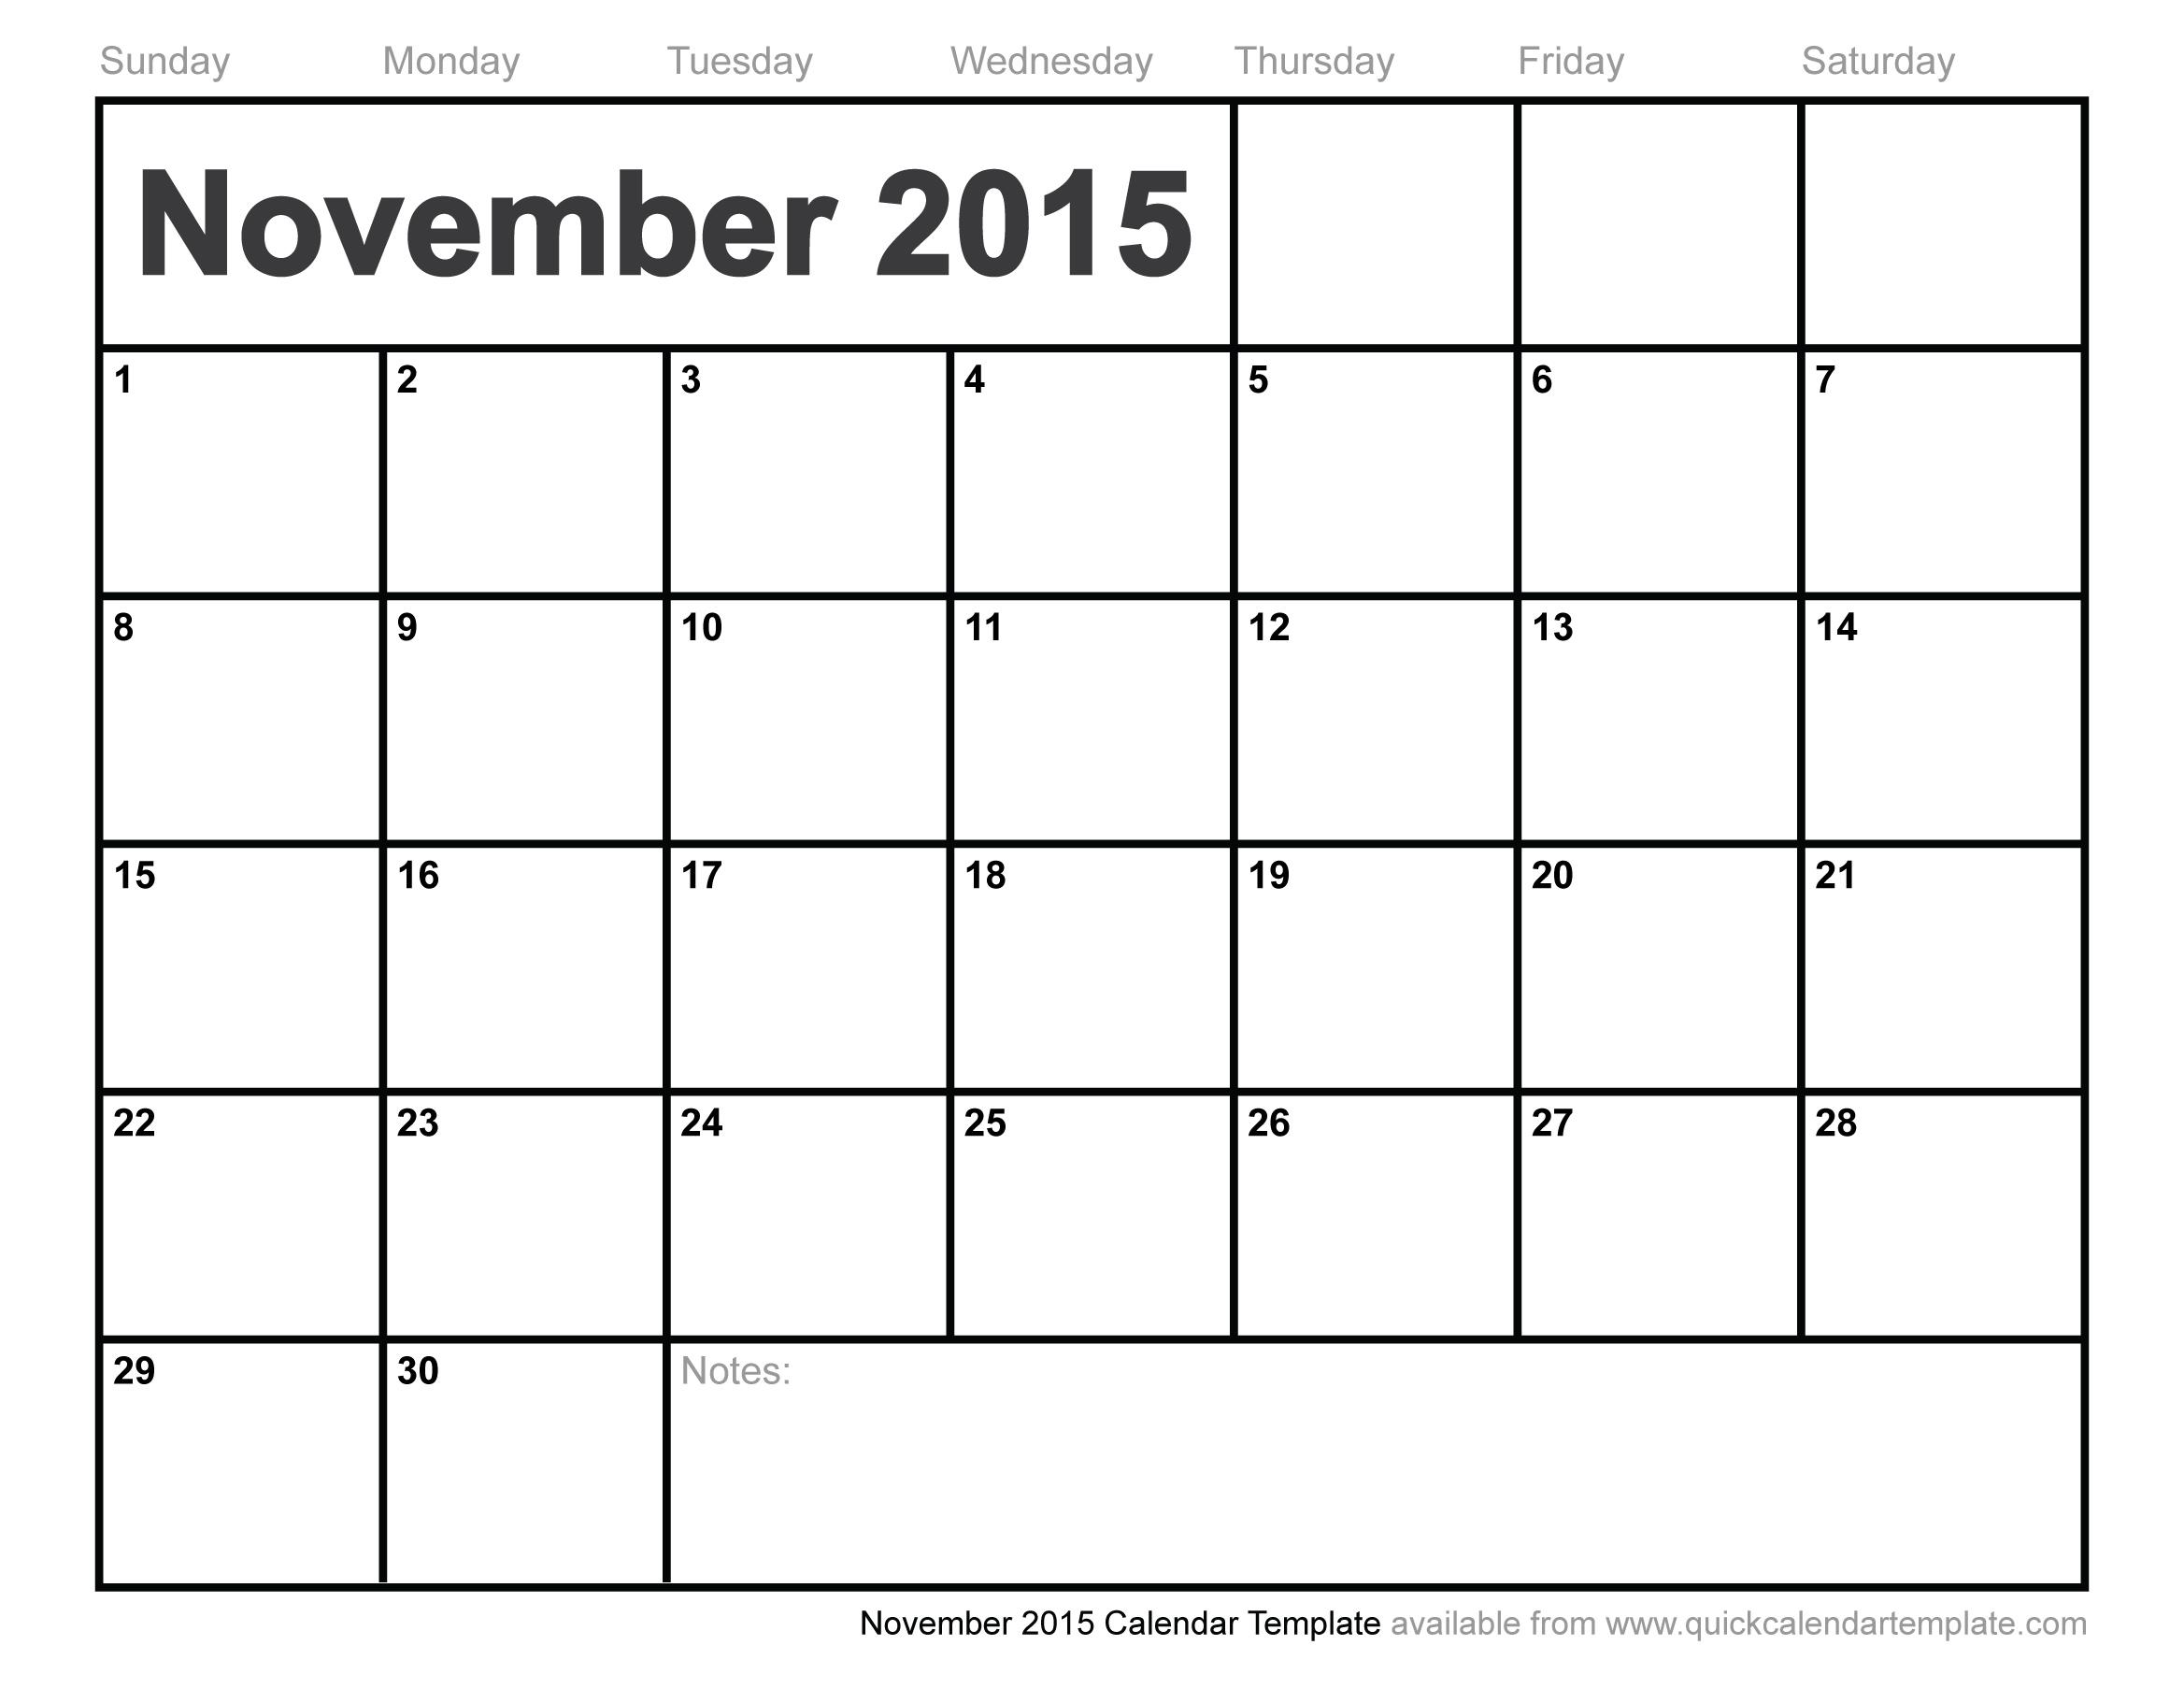 Calendar clipart november 2015 clip freeuse november calendar - Gannt Chart clip freeuse